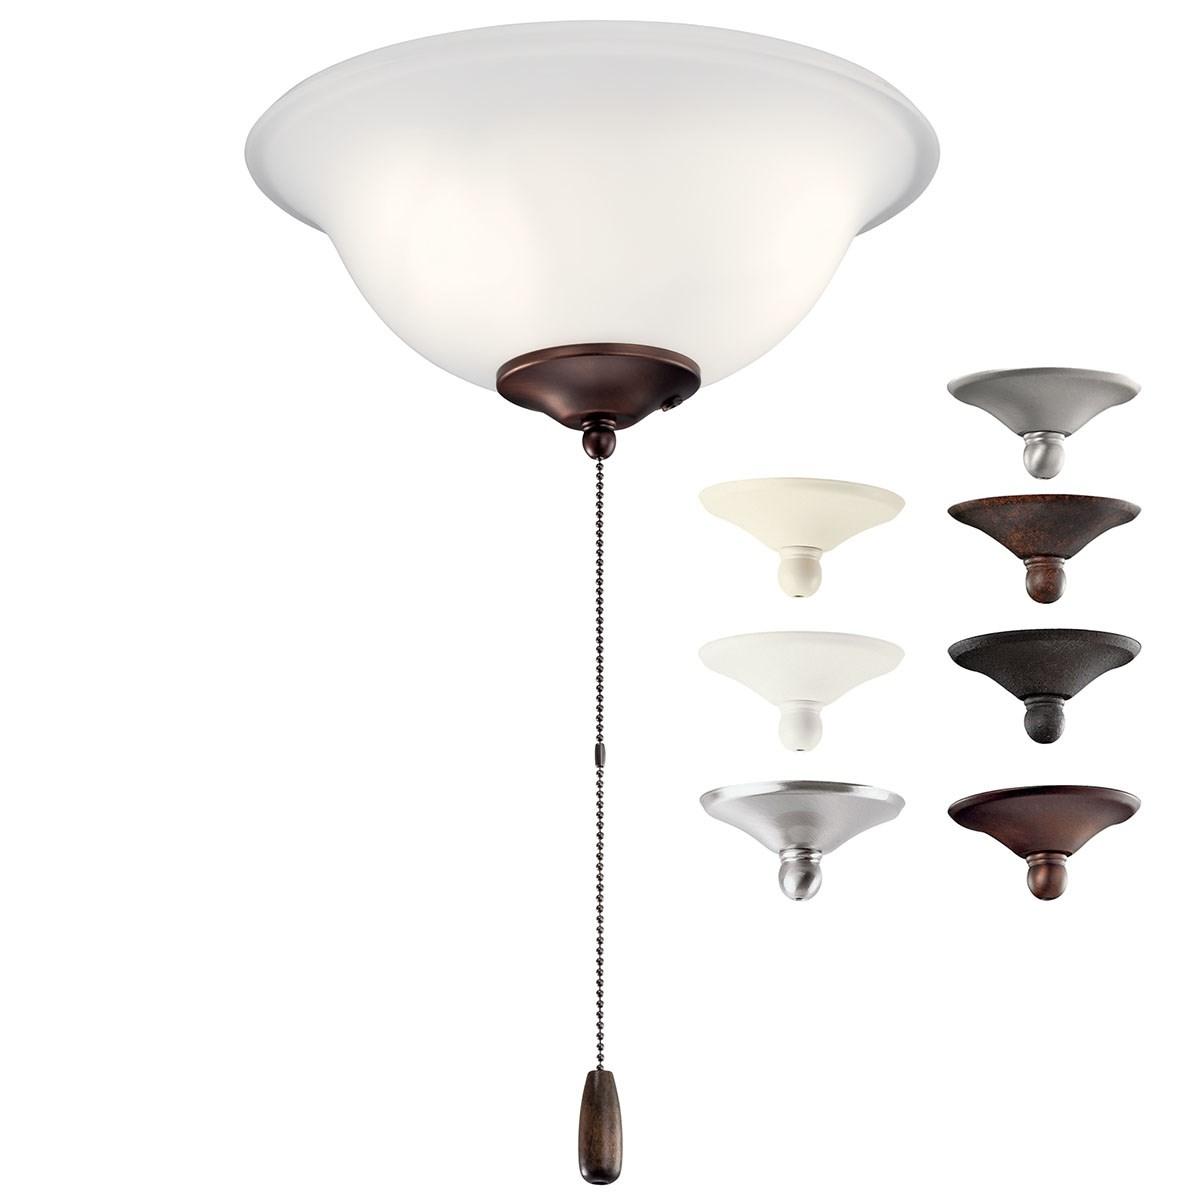 Kichler 380030MUL LED Fan Light Kit